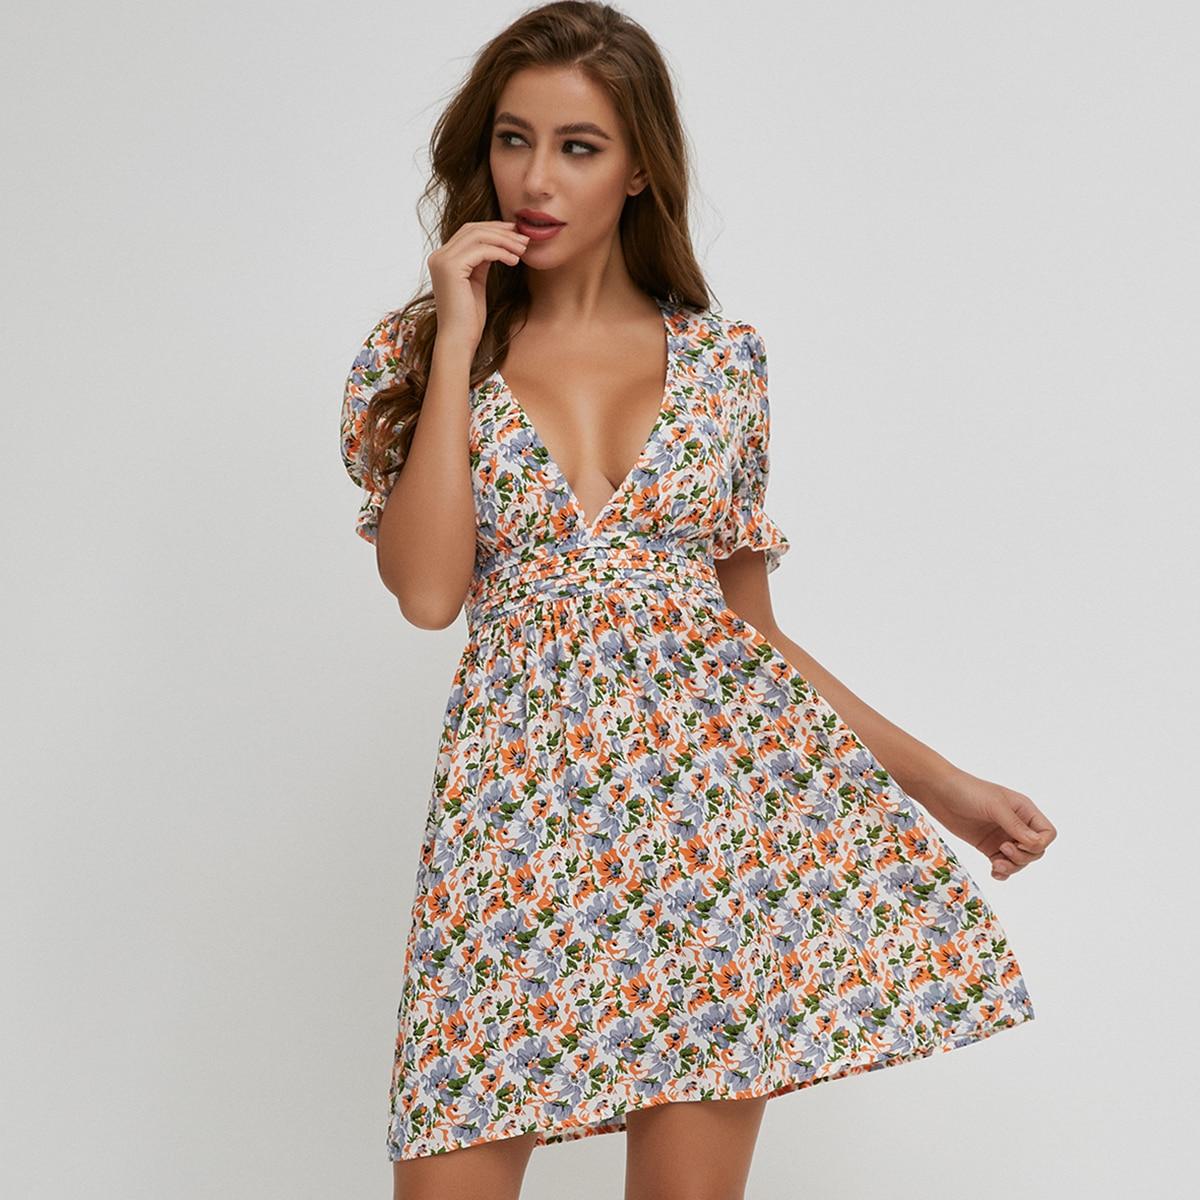 платье с цветочным принтом, пышным рукавом и глубоким вырезом